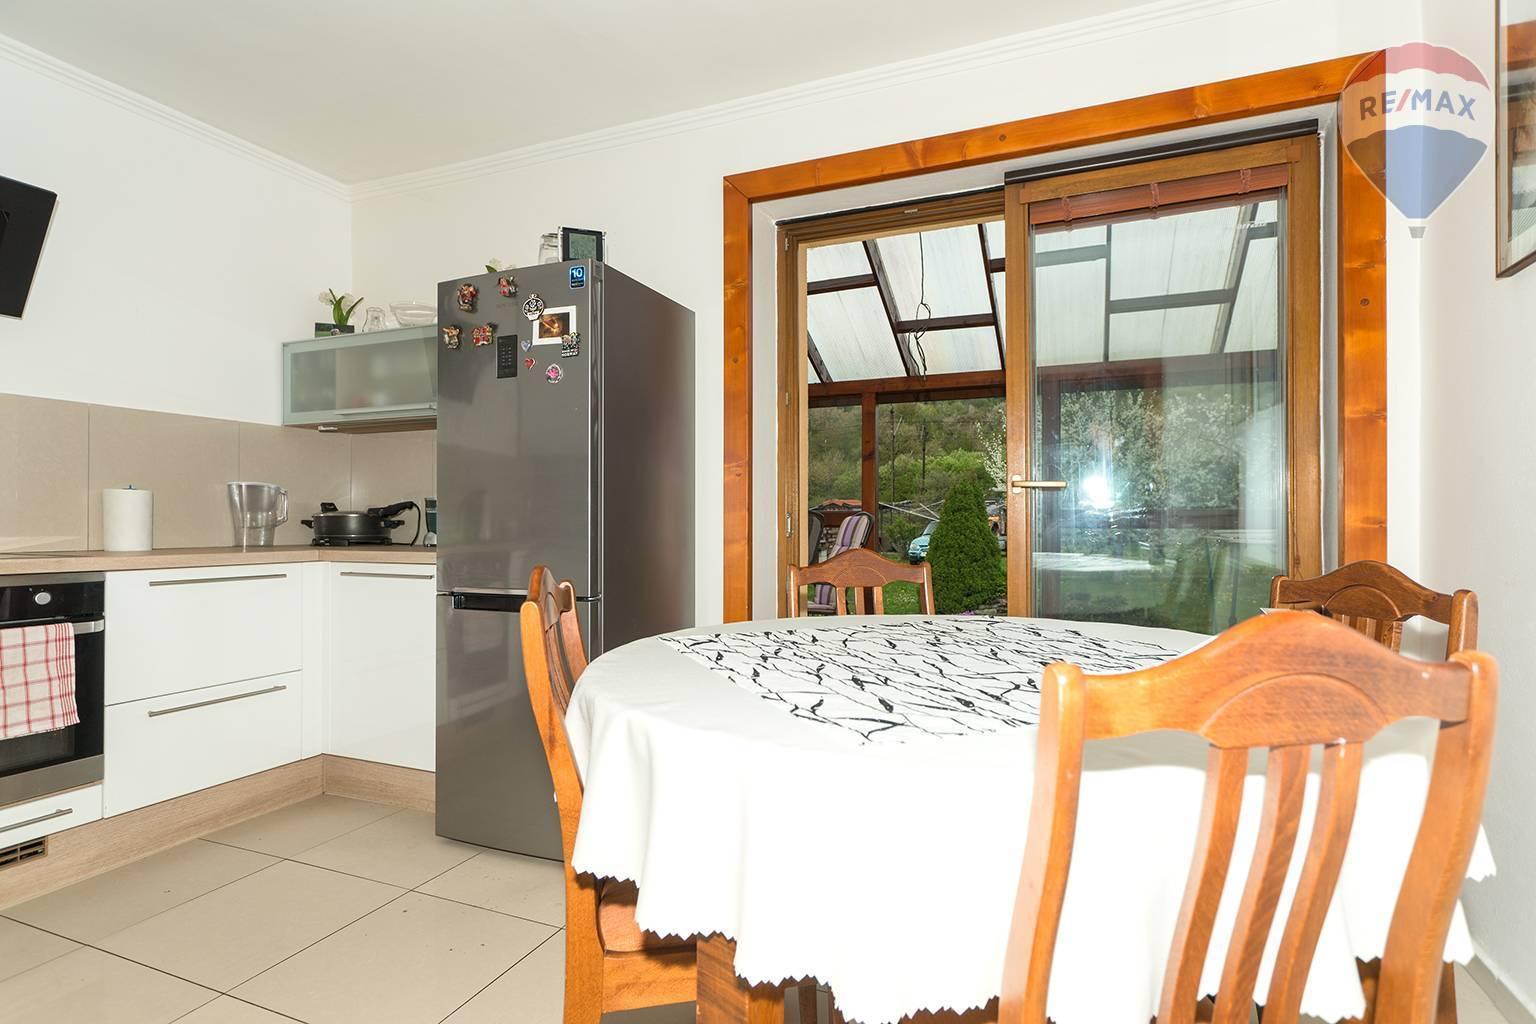 Predaj domu 160 m2, Liptovský Mikuláš - kuchyňa